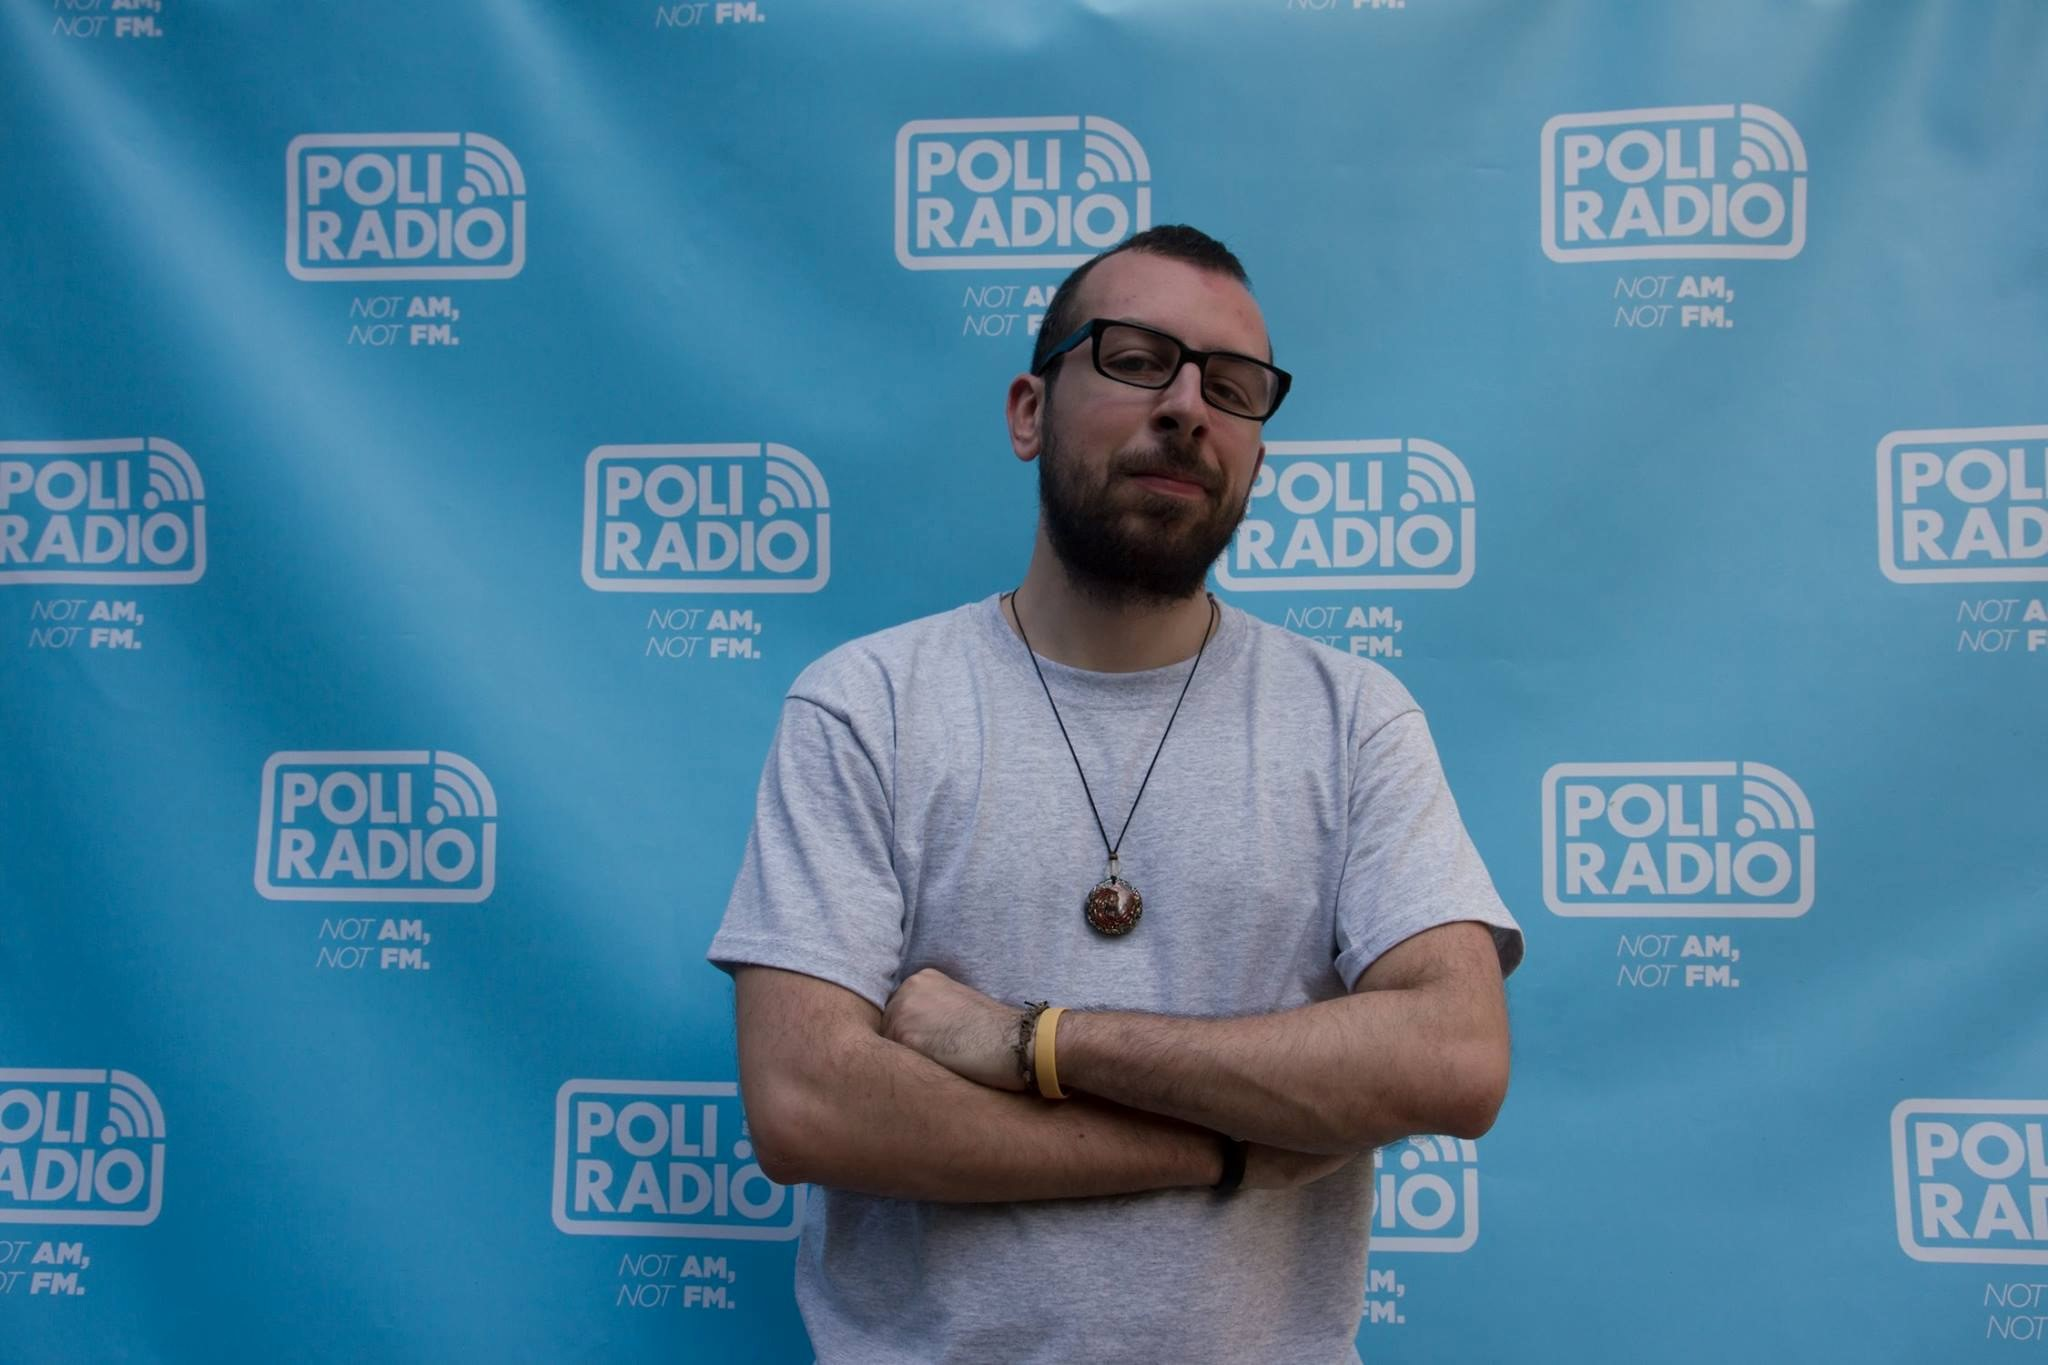 """PoliRadio 2 - Radio 4.0. Il caso Poli.Radio, nativa digitale. Emanuele Campagnolo:  l'utente non deve preoccuparsi di """"come"""" riceve l'informazione, ma solo di riceverla. L'ibridazione e' una esigenza"""